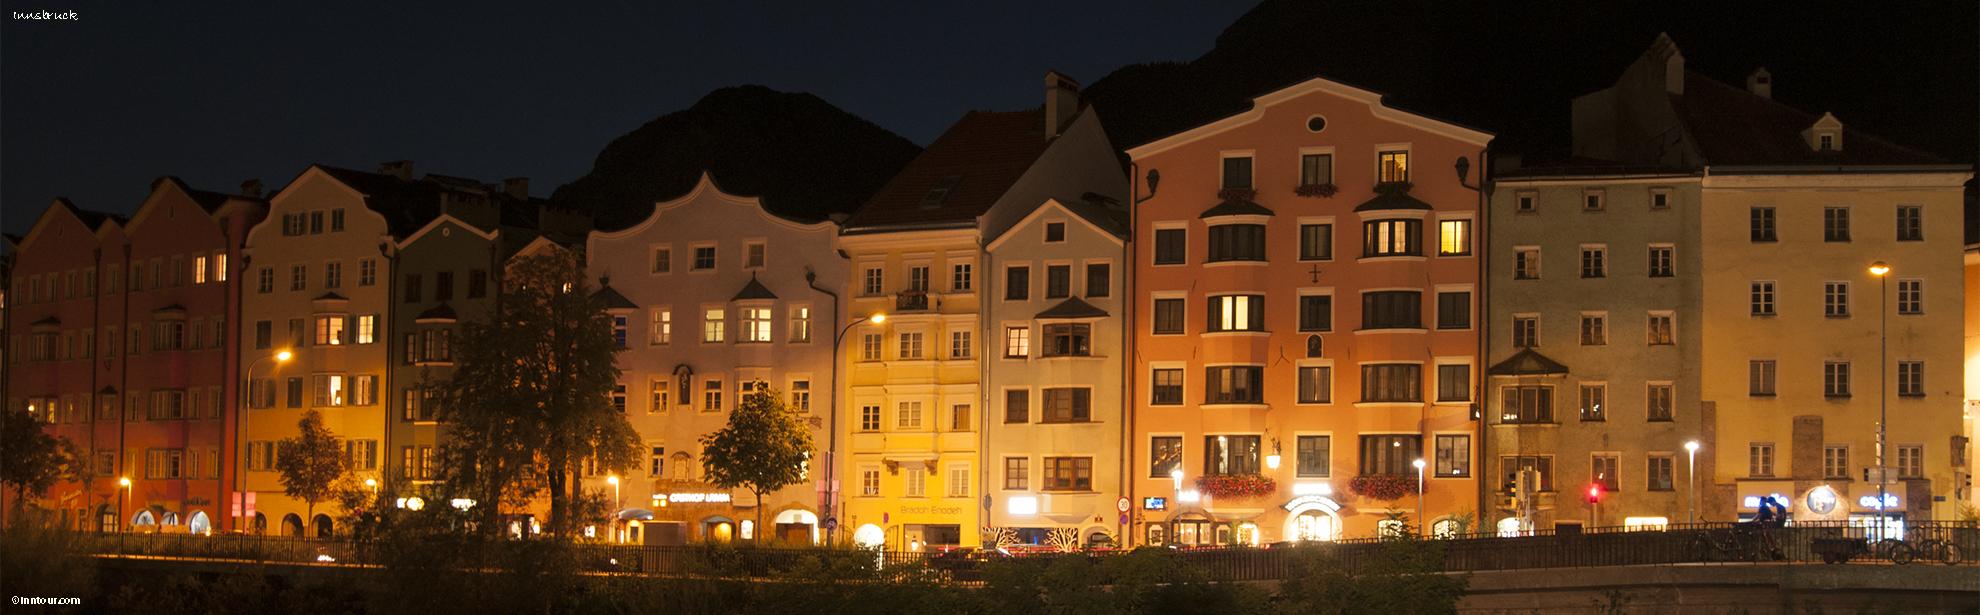 Oklass2inntour_Innsbruck_DSC_2584